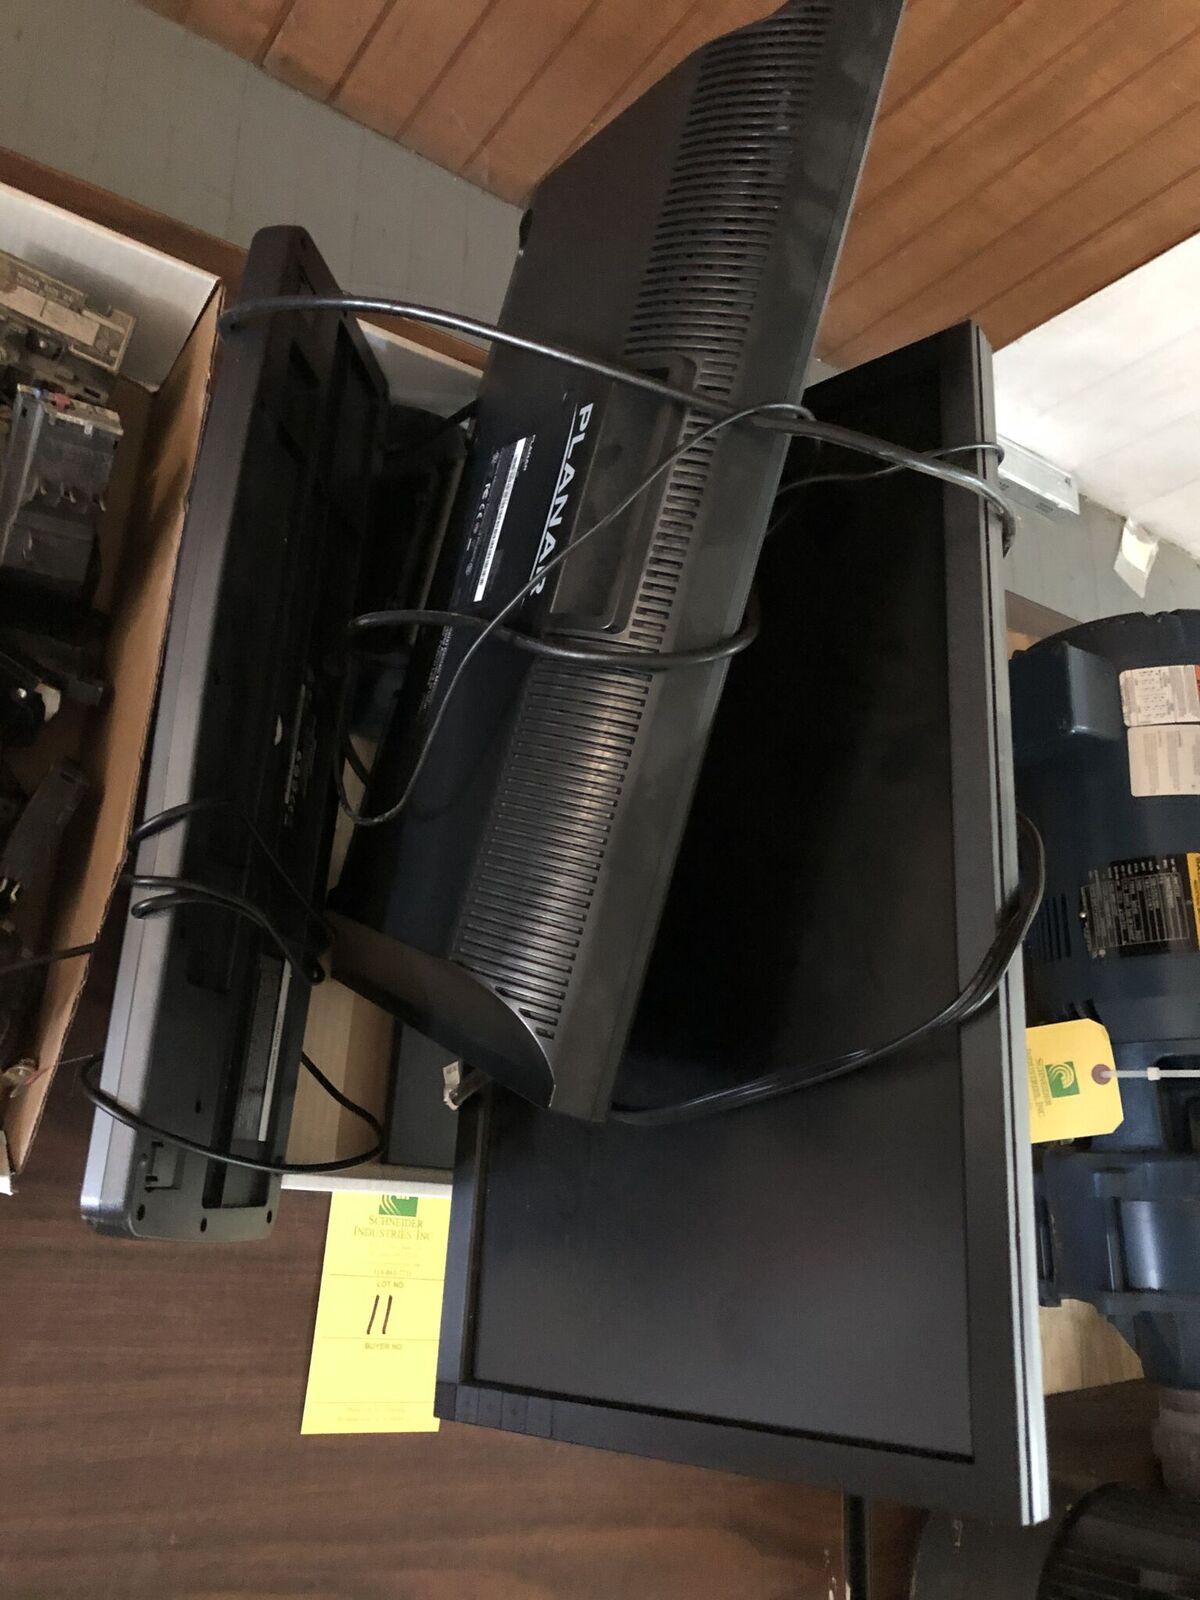 Lot 11 - (2) Monitors (Dell & Planar) & Keyboard